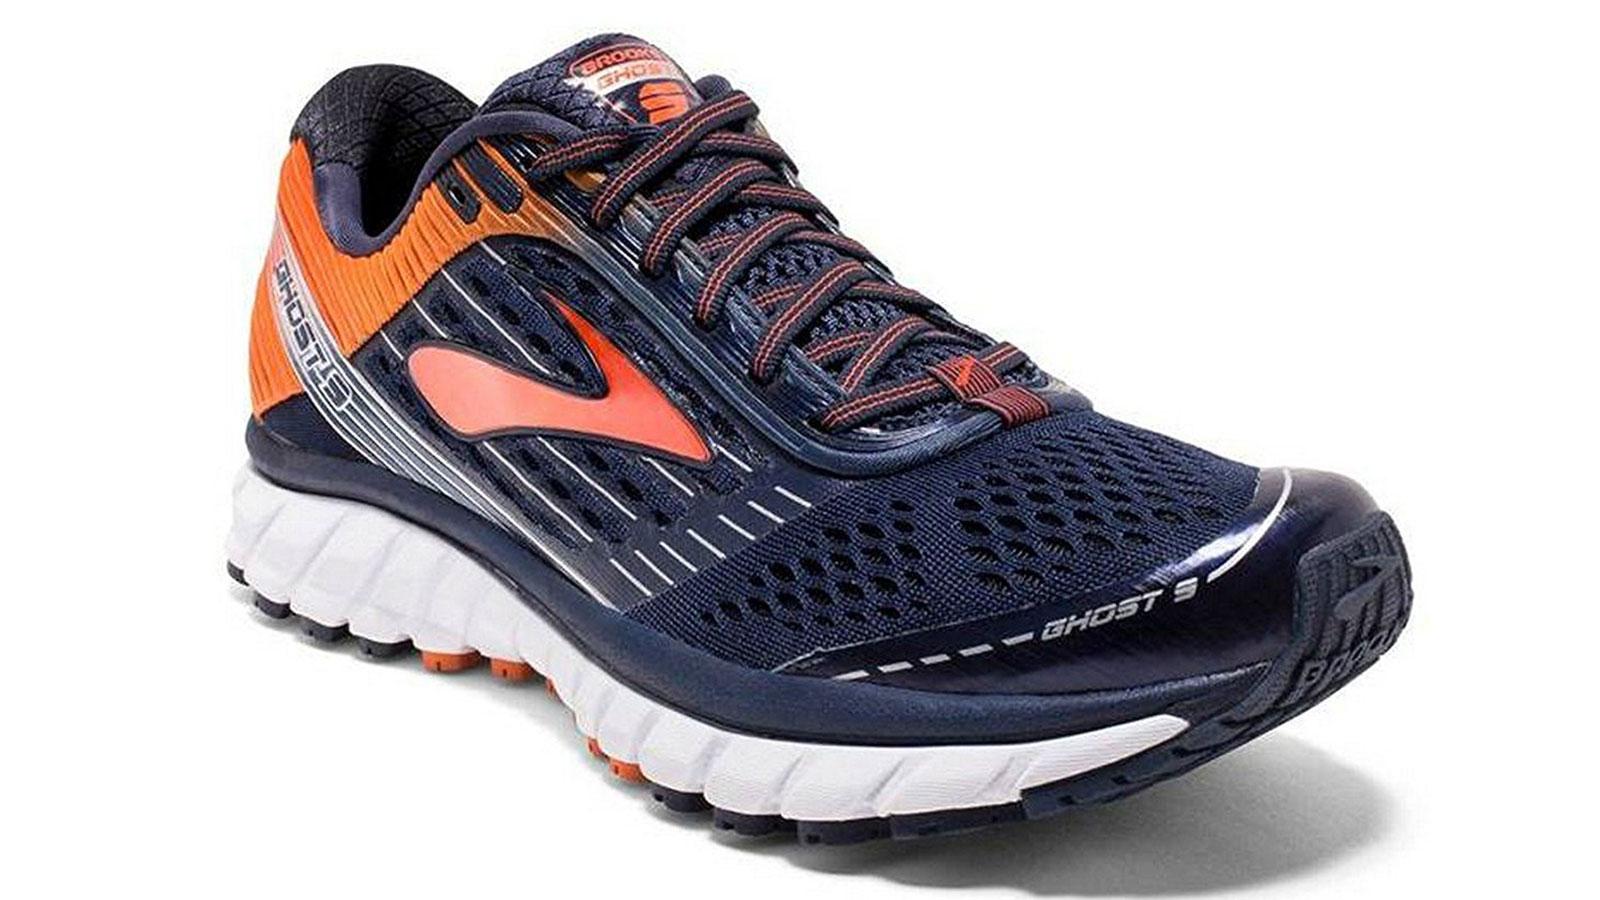 Brooks Ghost 9 Men's Running Shoe | best running shoes for men